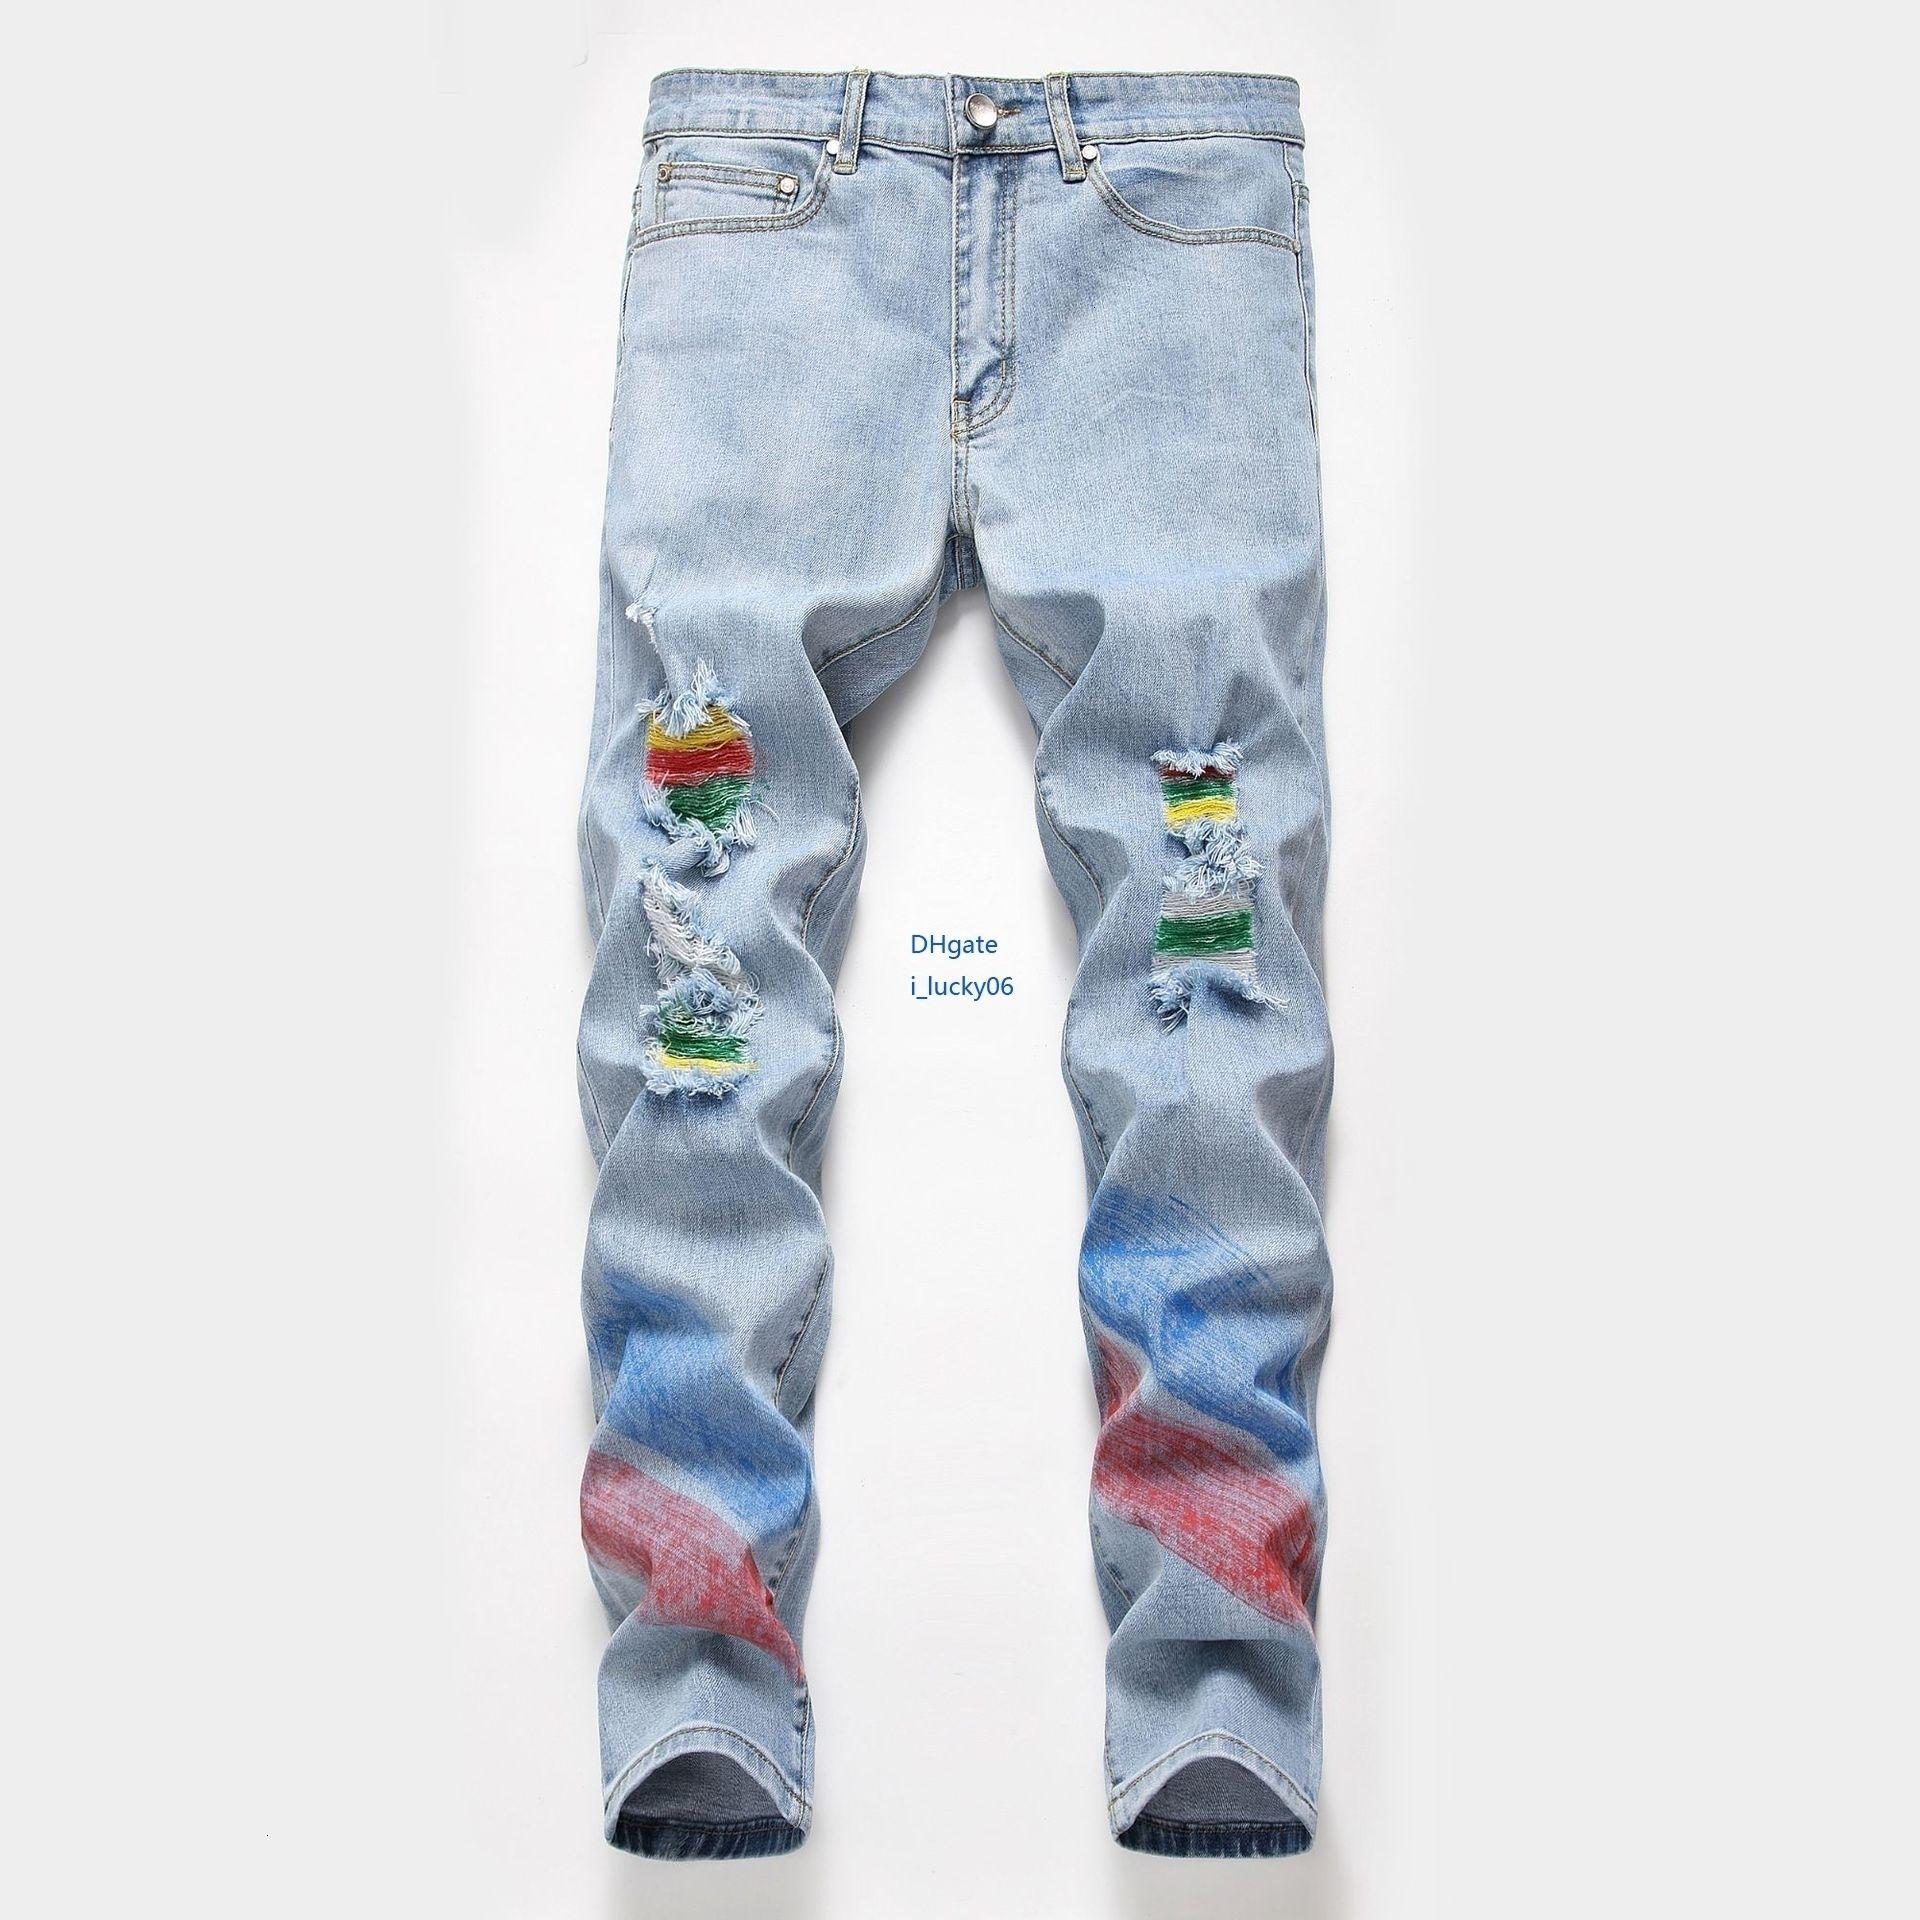 Preço de custo Preço de custo Novos jeans masculinos 2019 novos produtos Jeans Personalidade masculina Cartão da maré Força elástica Calças pintadas à mão Calças homem